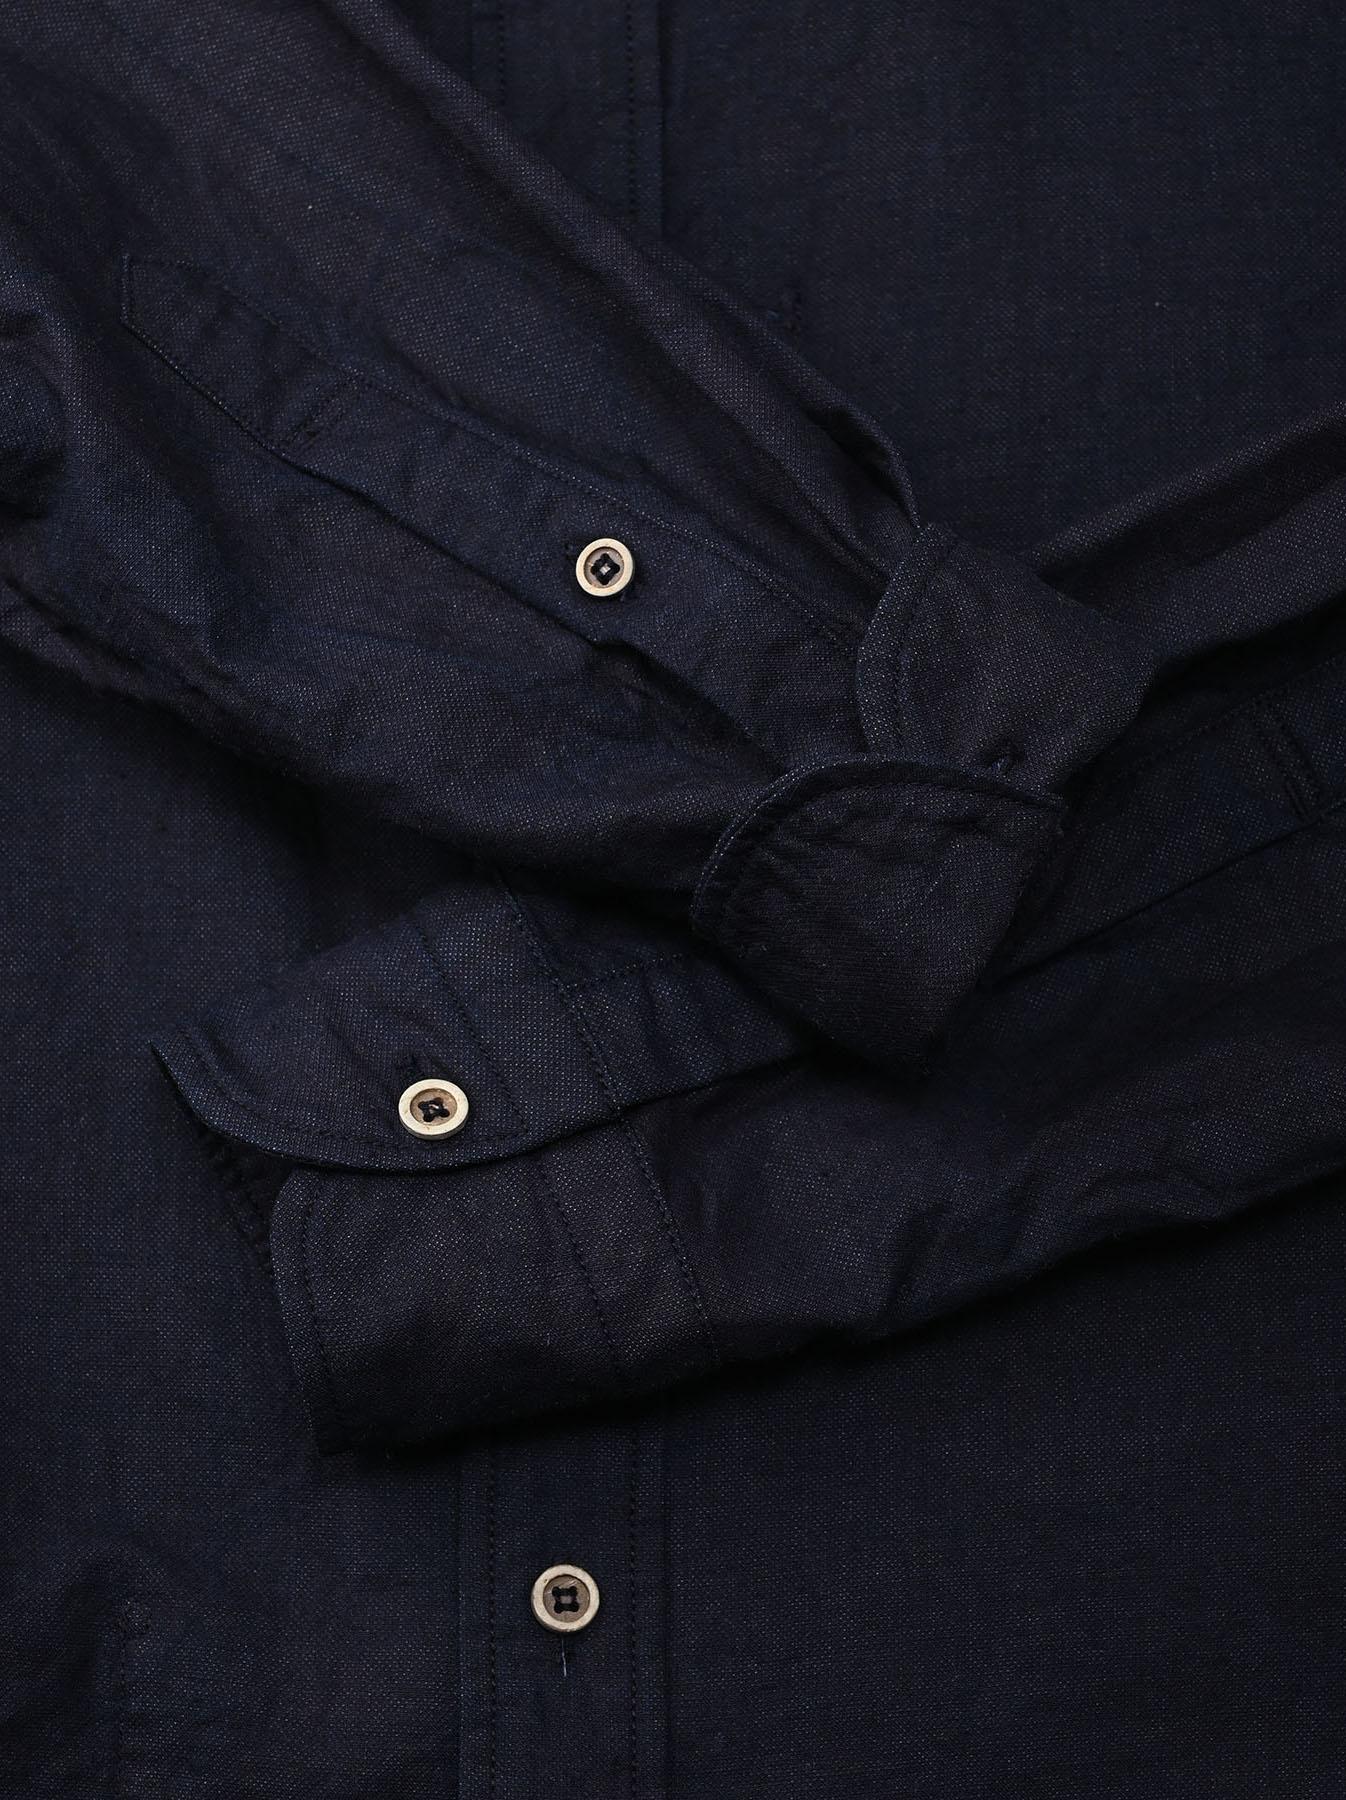 Indigo Double Woven 908 Loafer Shirt (0421)-9